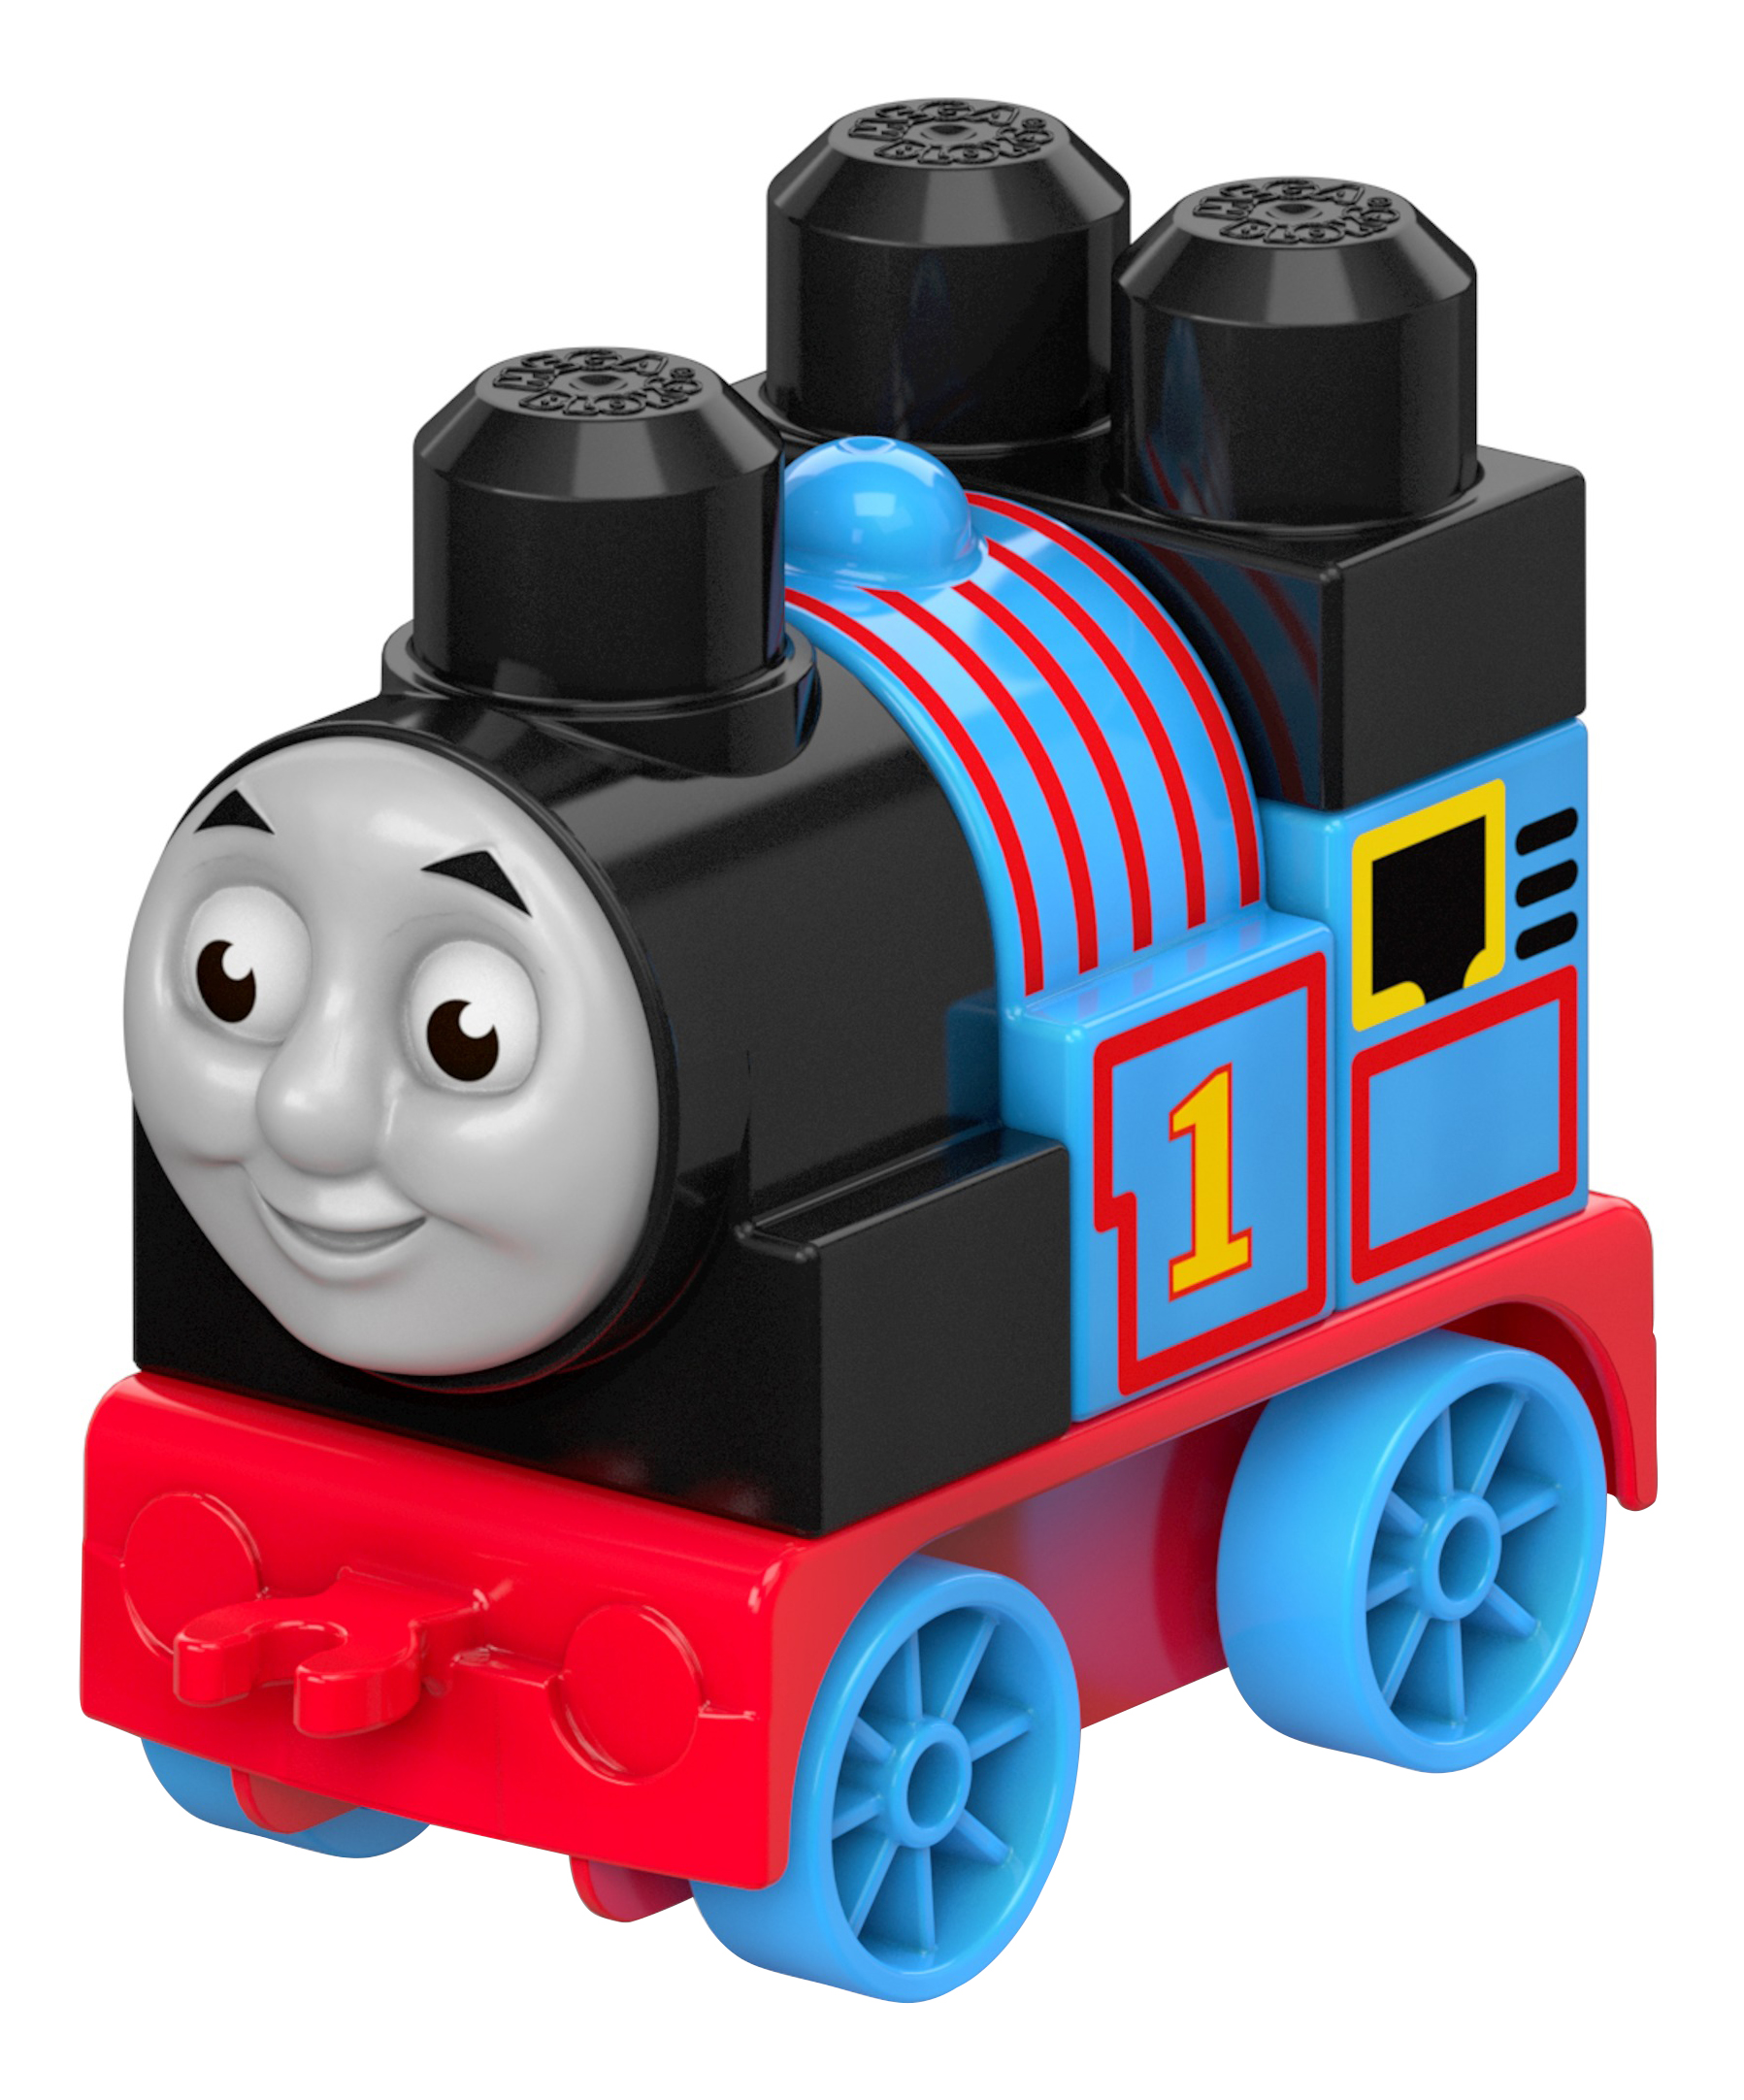 Купить Паровозик Томас, Конструктор пластиковый Mega Bloks® Thomas & Friends Томас DXH47 DXH48, Конструкторы пластмассовые